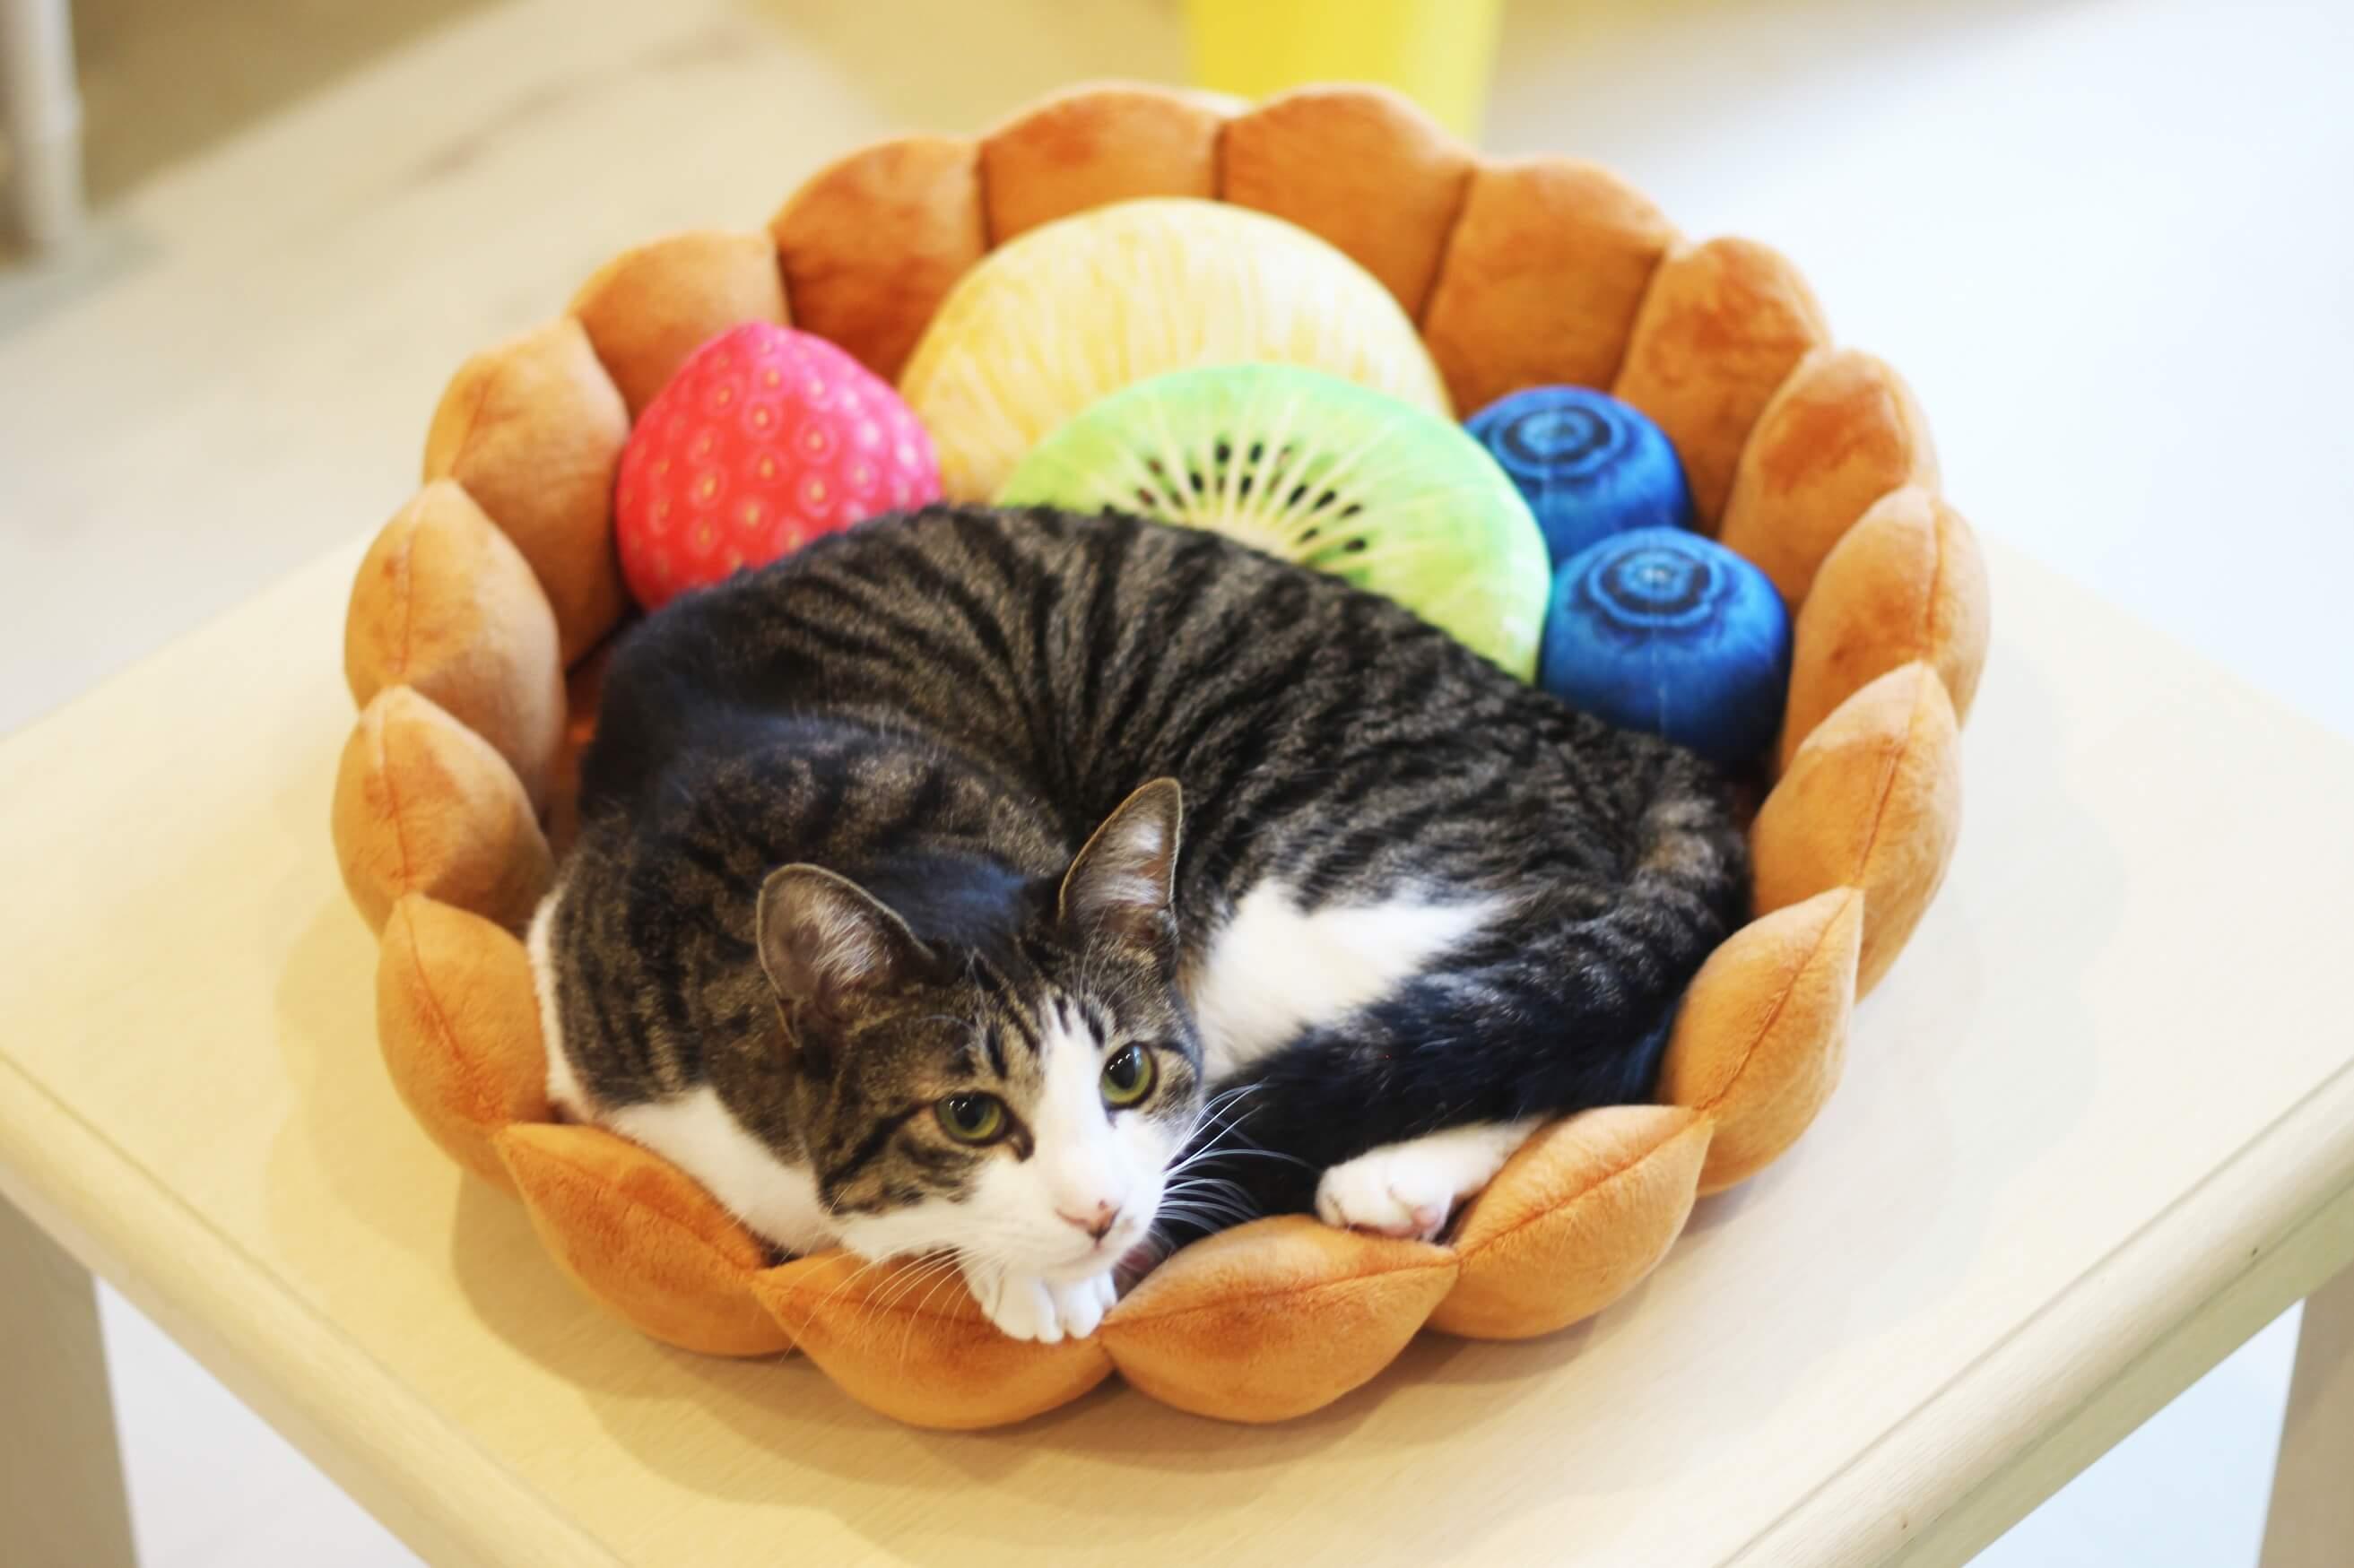 フェリシモ猫部は天才か!小さめの猫や犬がフルーツタルトになっちゃう!「スイーツにゃんこクッション」かわいい~!